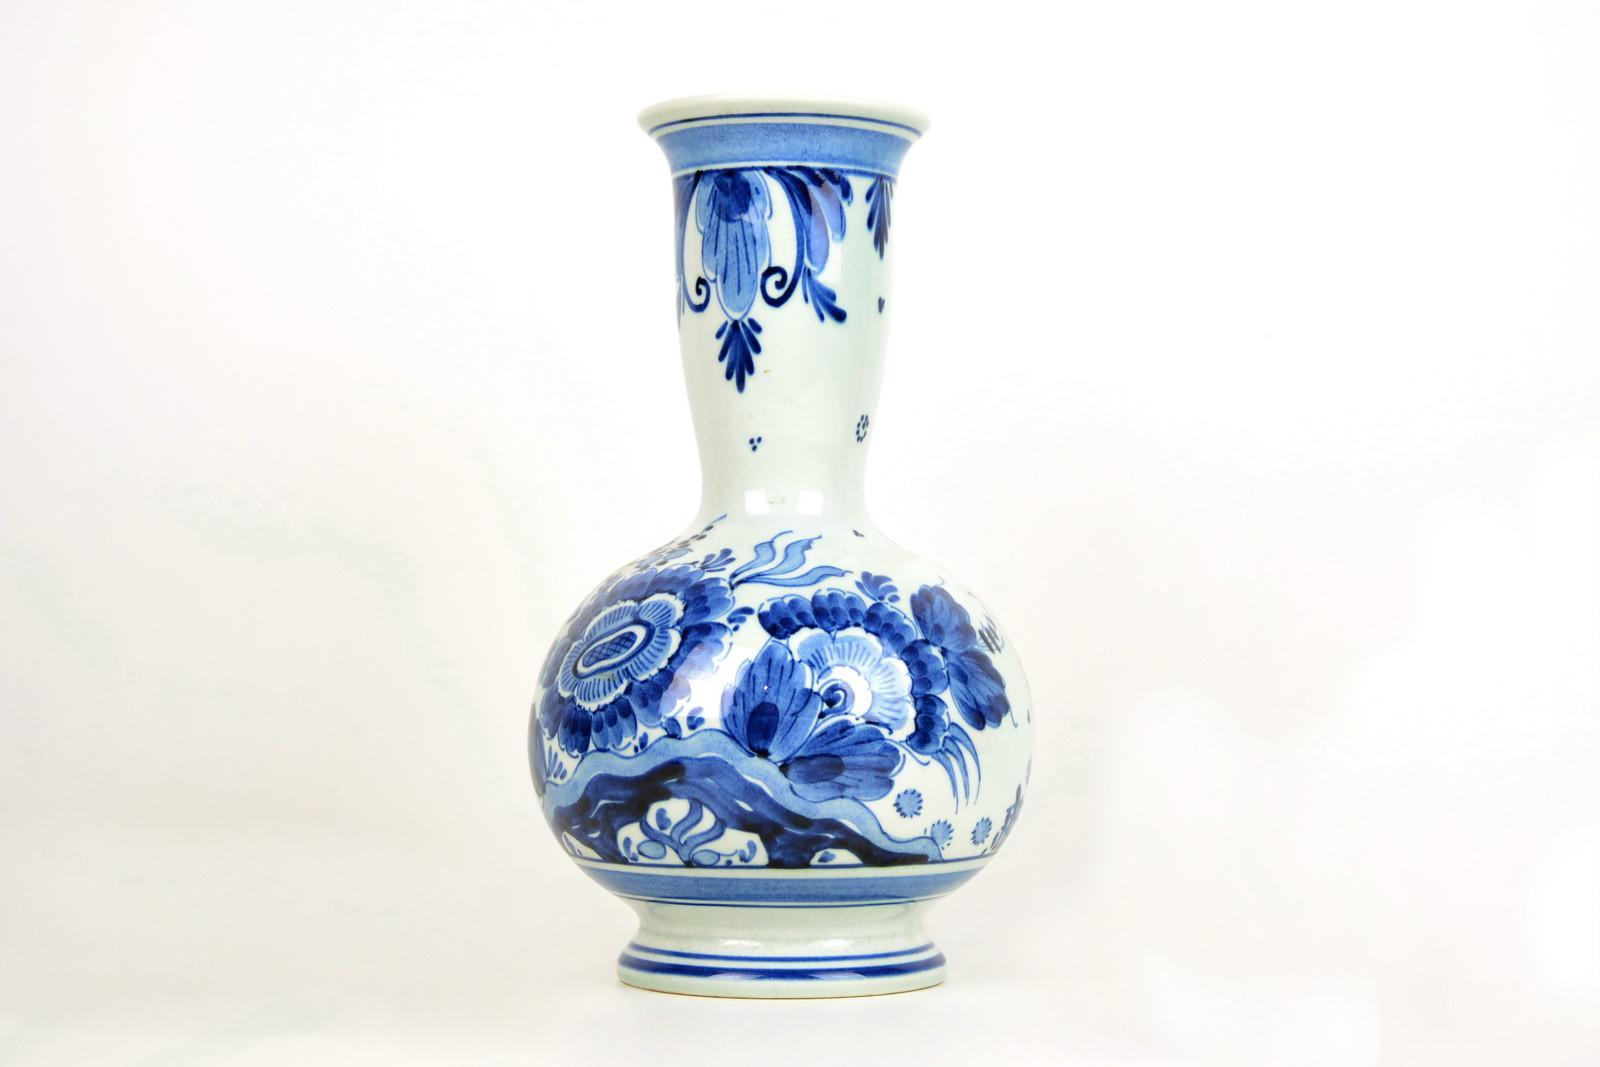 vaso-ceramica-dipinto-a-mano-decoro-blu-4,2046.jpg?WebbinsCacheCounter=1